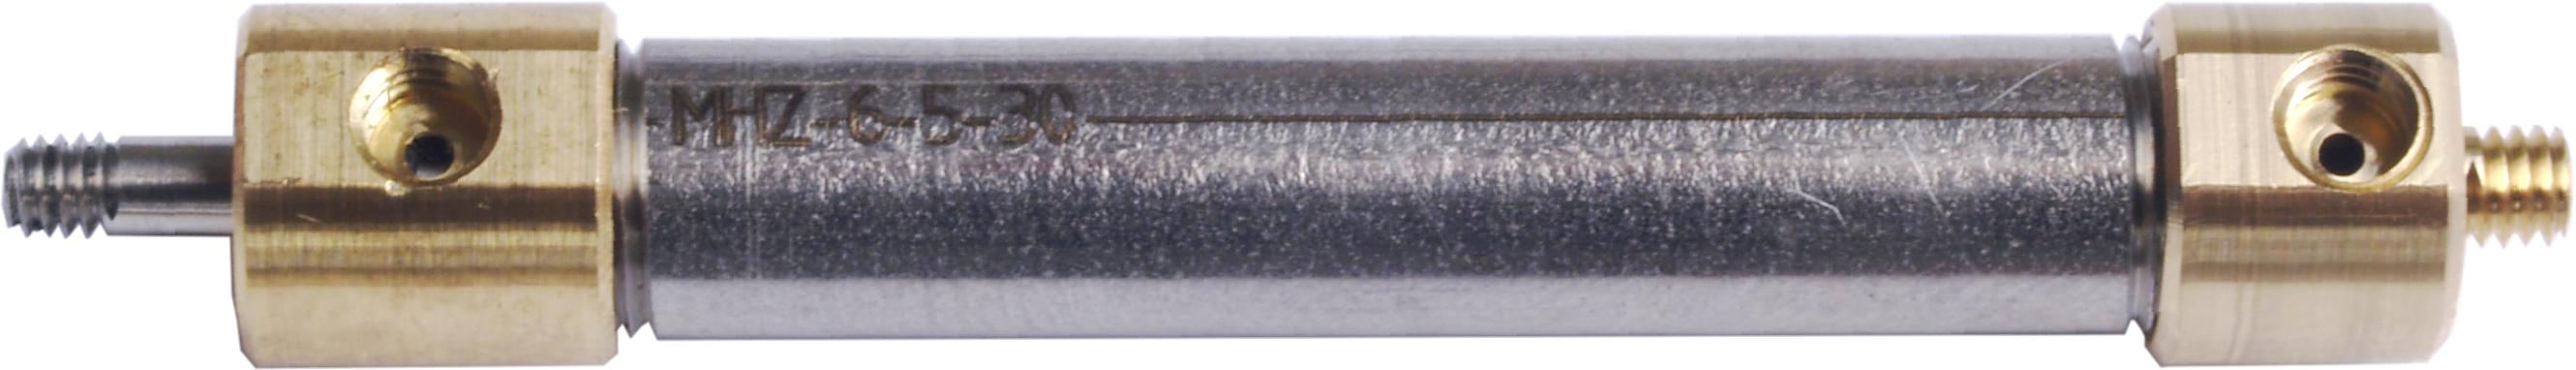 Hydraulikzylinder 30 mm Hub